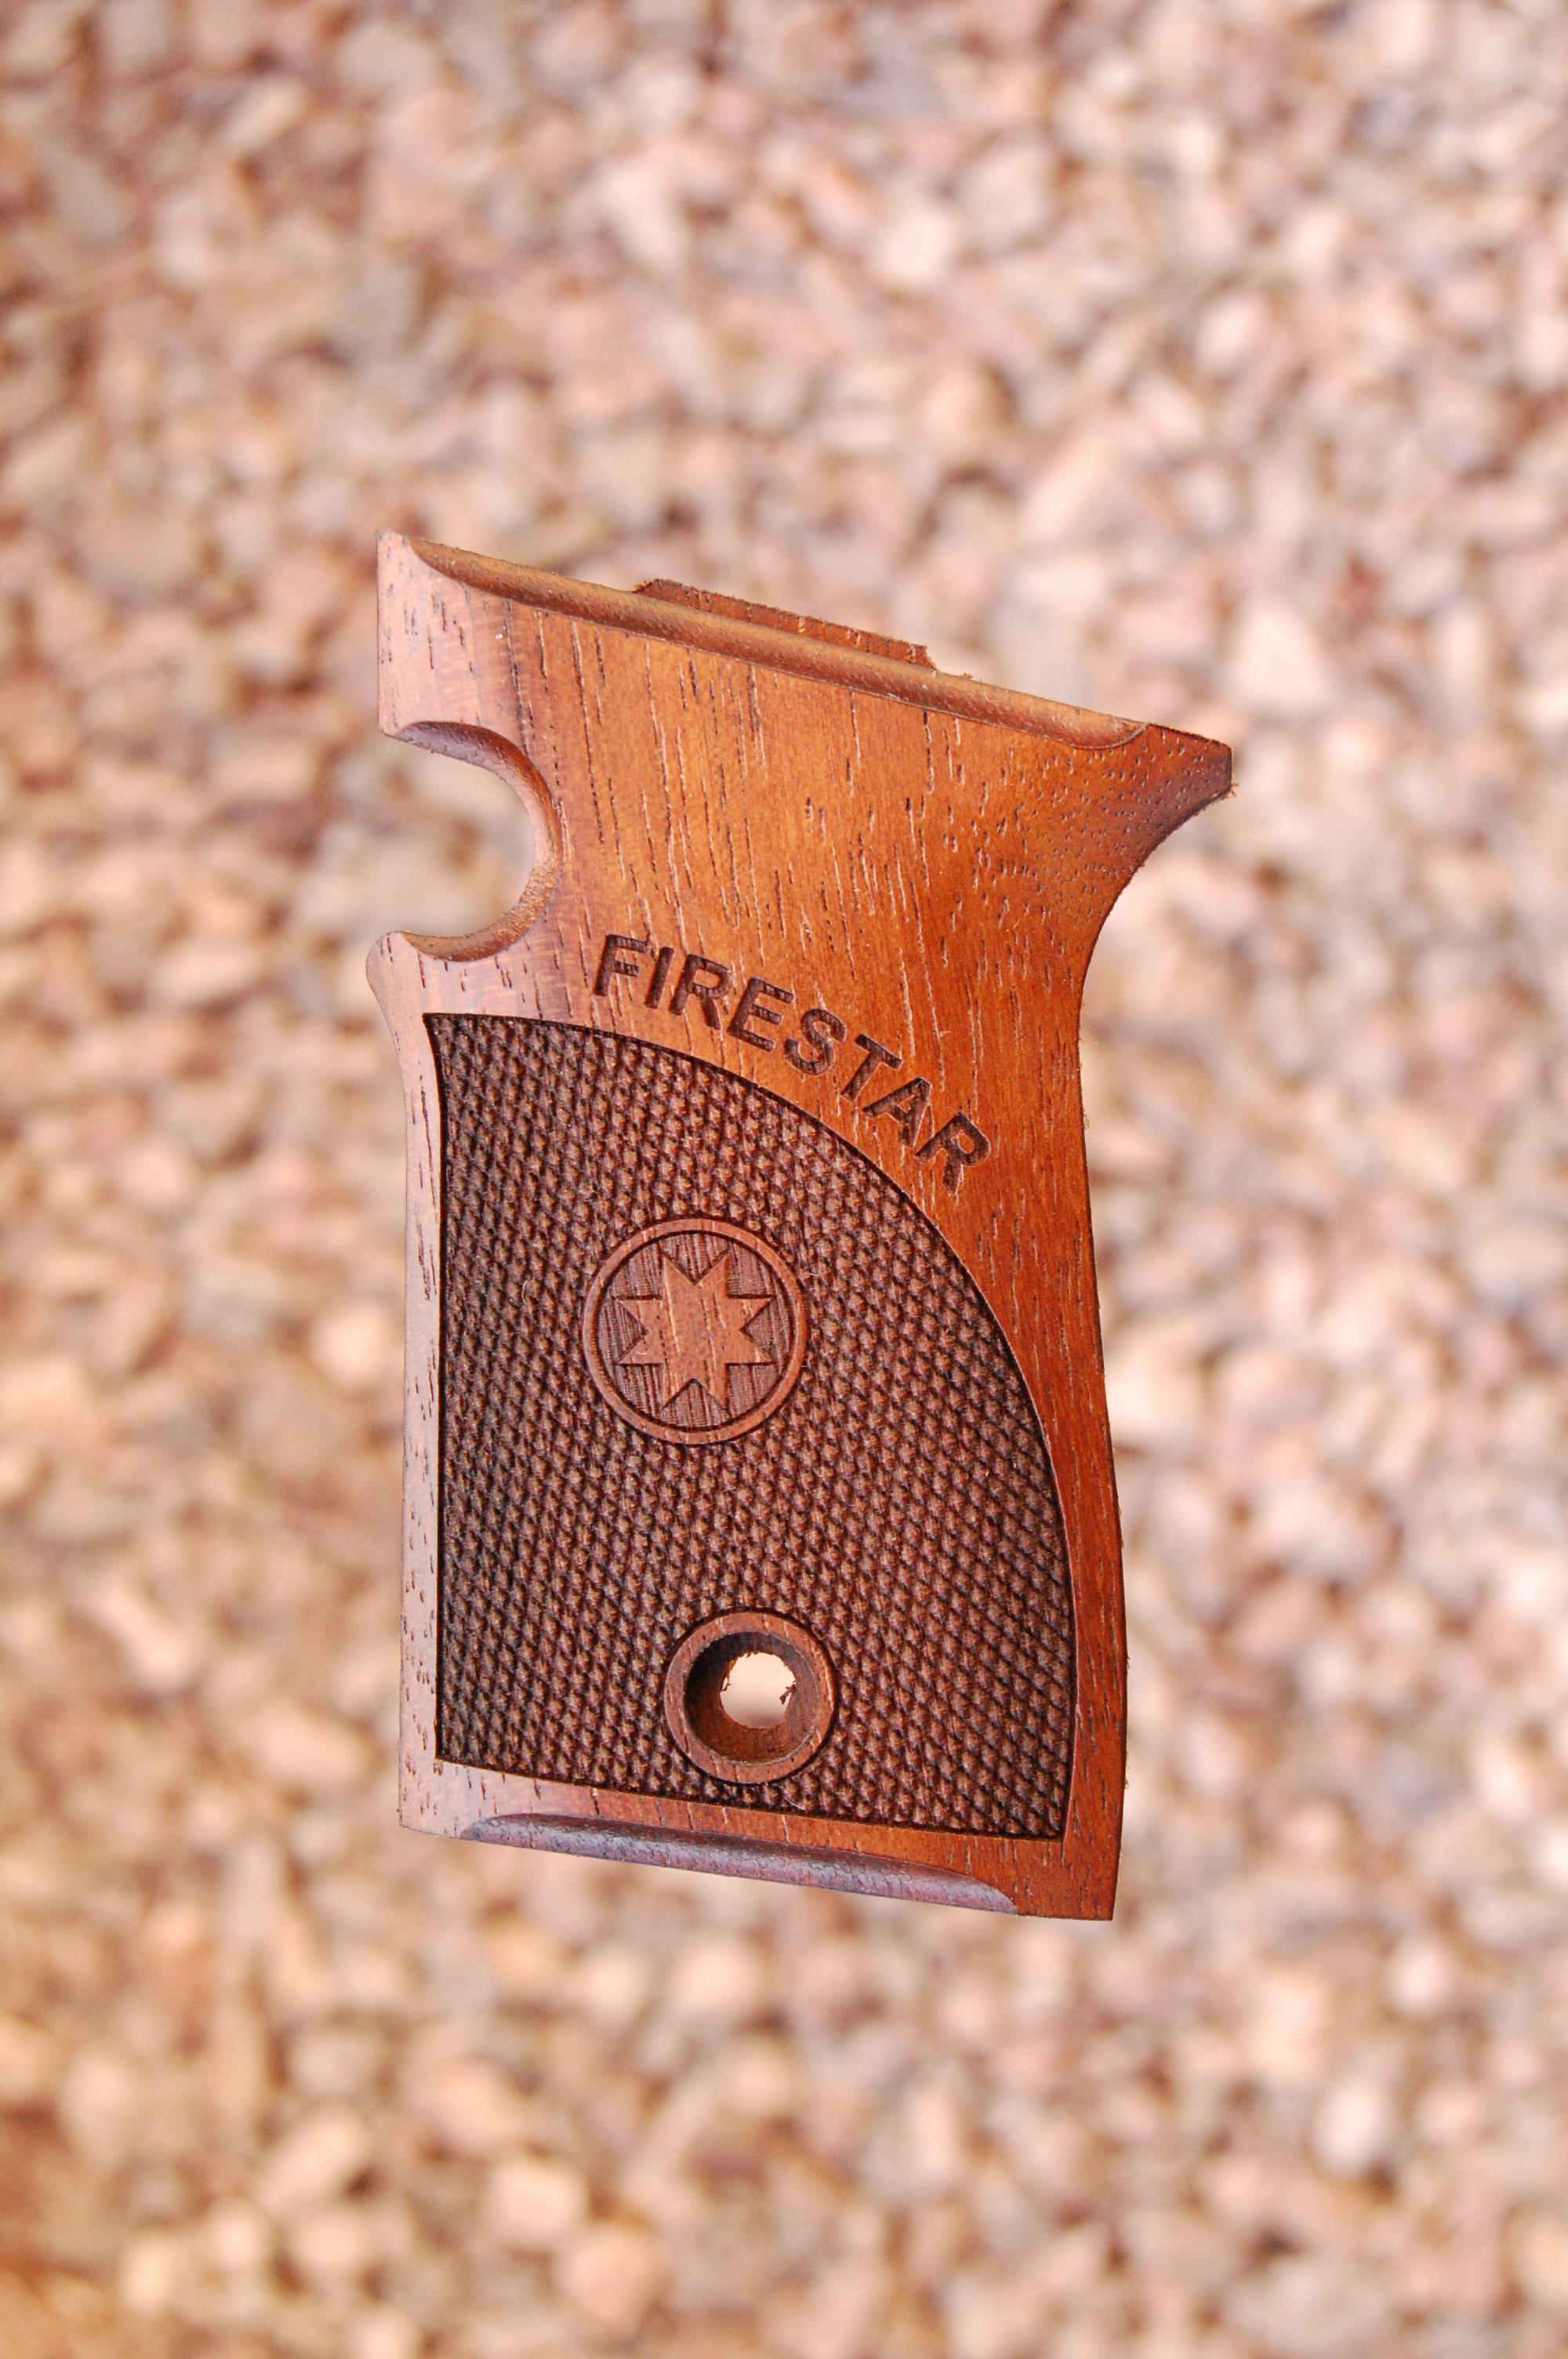 STAR FIRESTAR grips (ckrd+logo+text) - full size